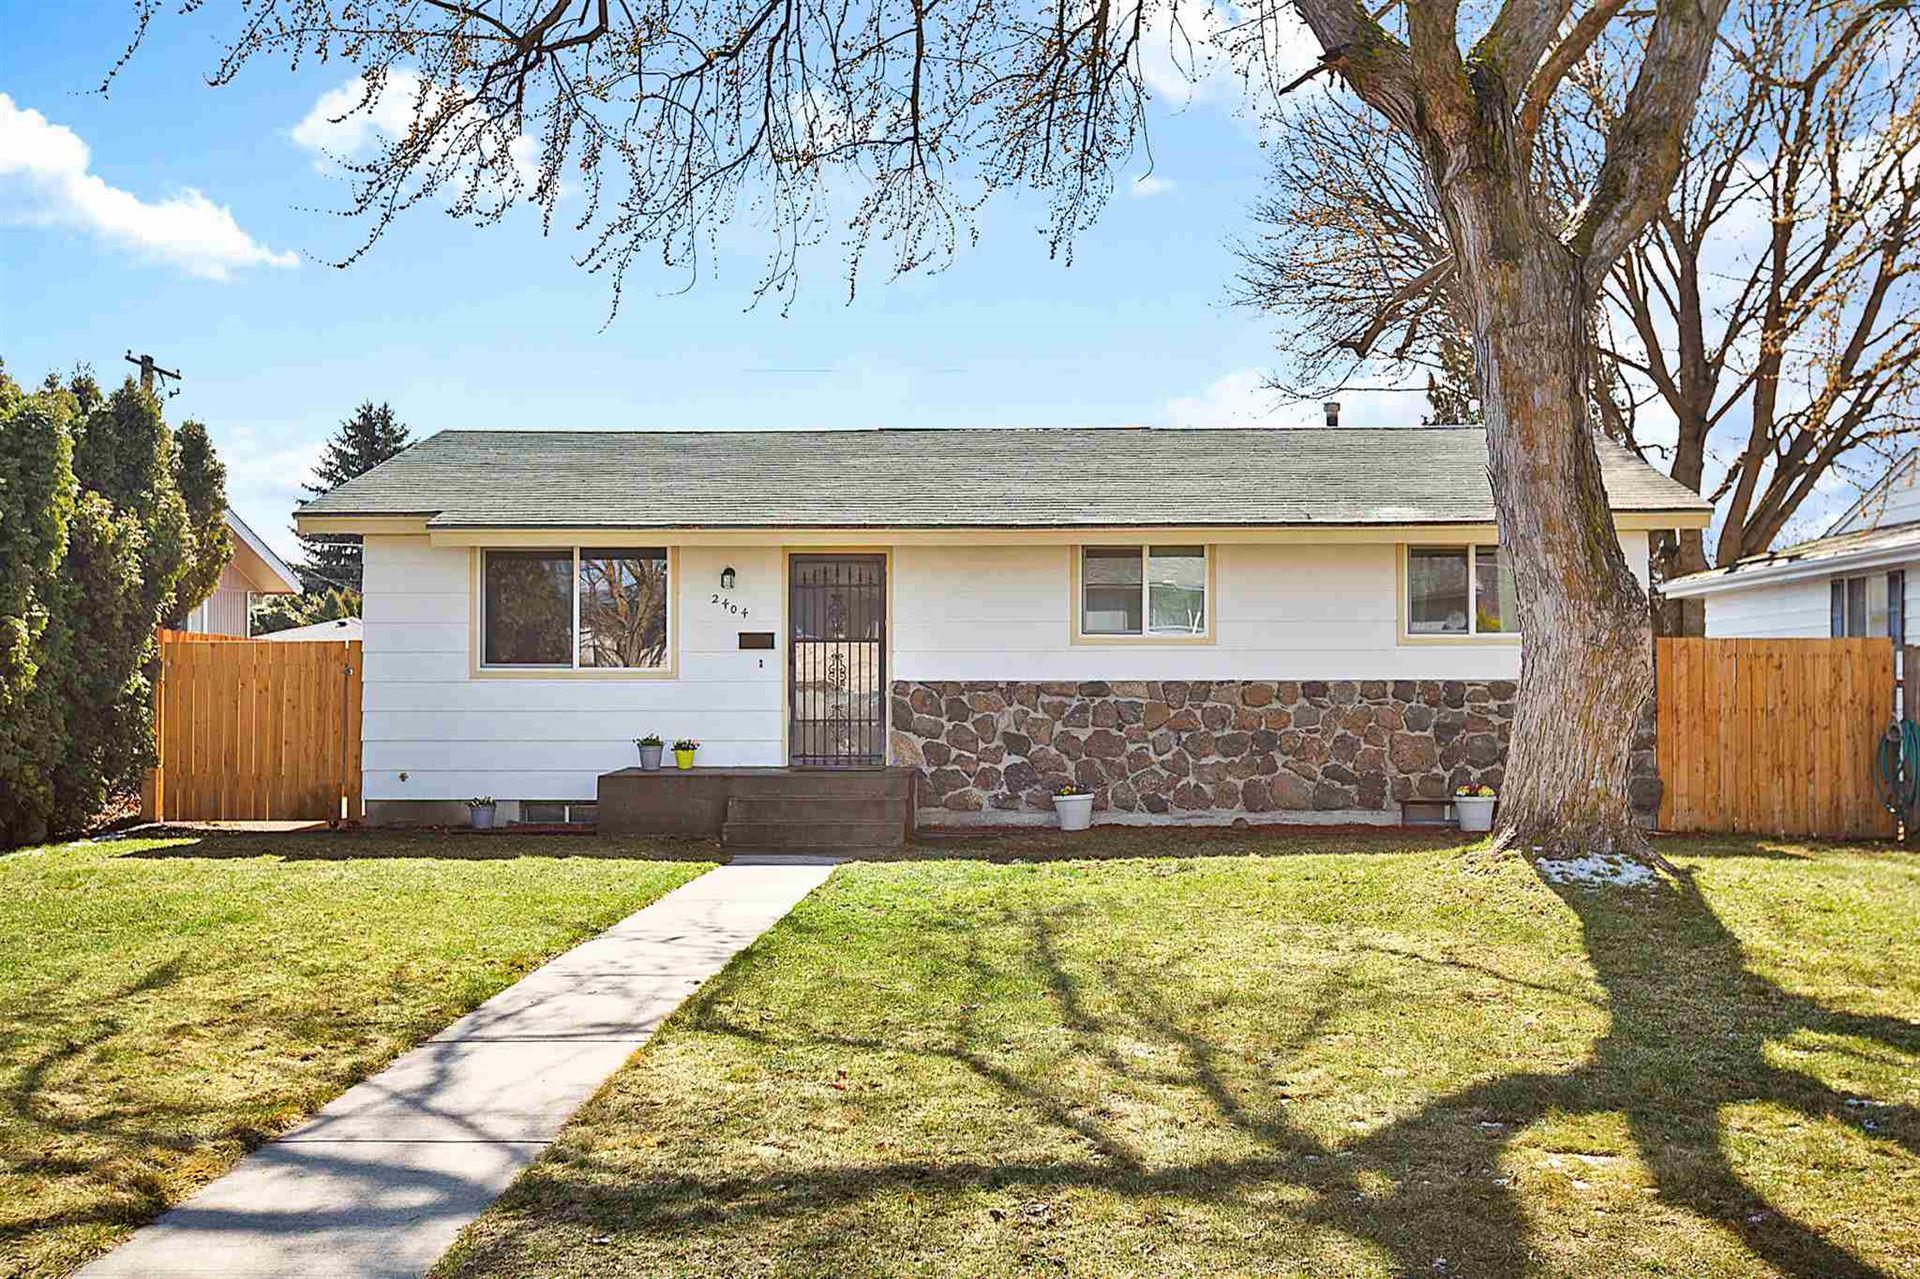 2404 E Rich Ave, Spokane, WA 99207 - #: 202113088